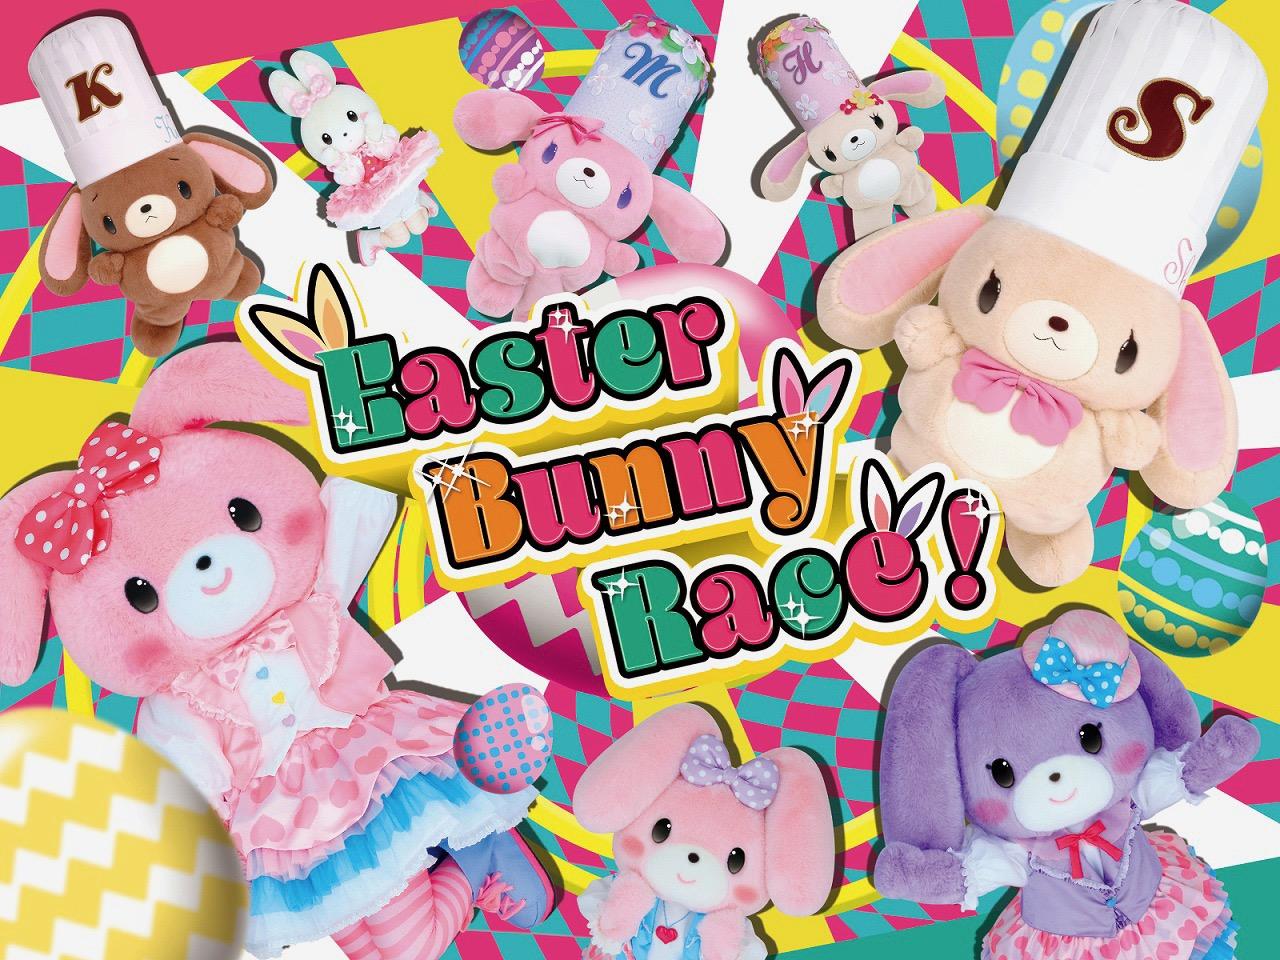 新作イースターショー「Easter Bunny Race!」